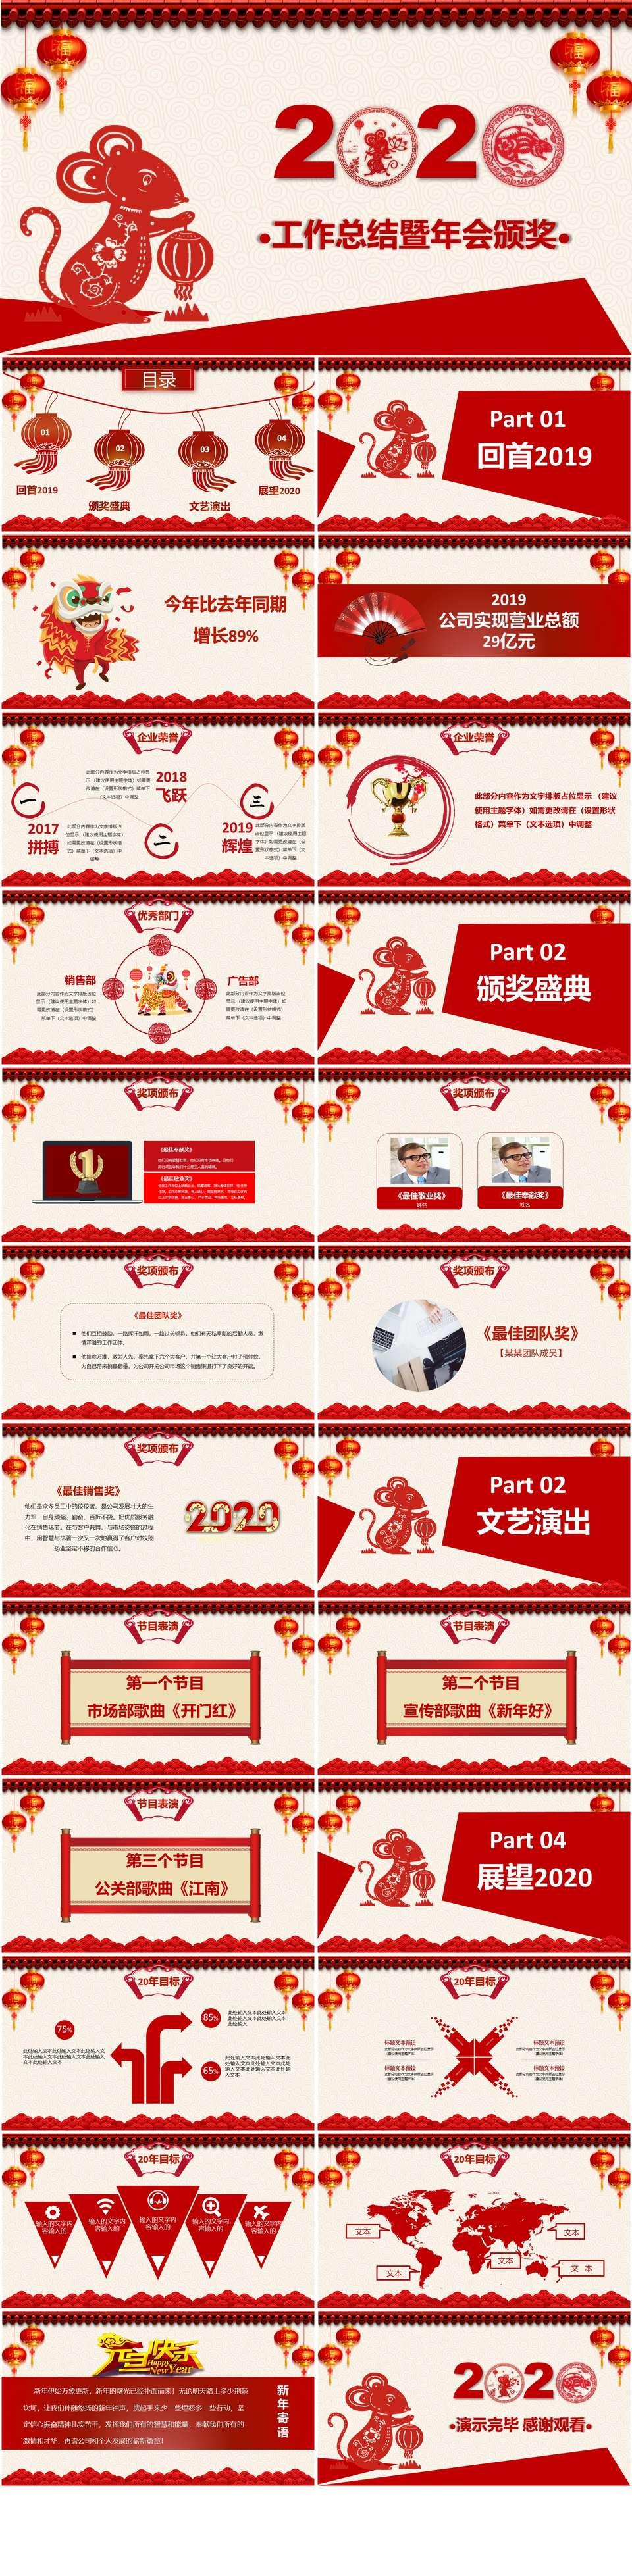 2020中国红剪纸喜庆工作总结暨年会颁奖模板插图1